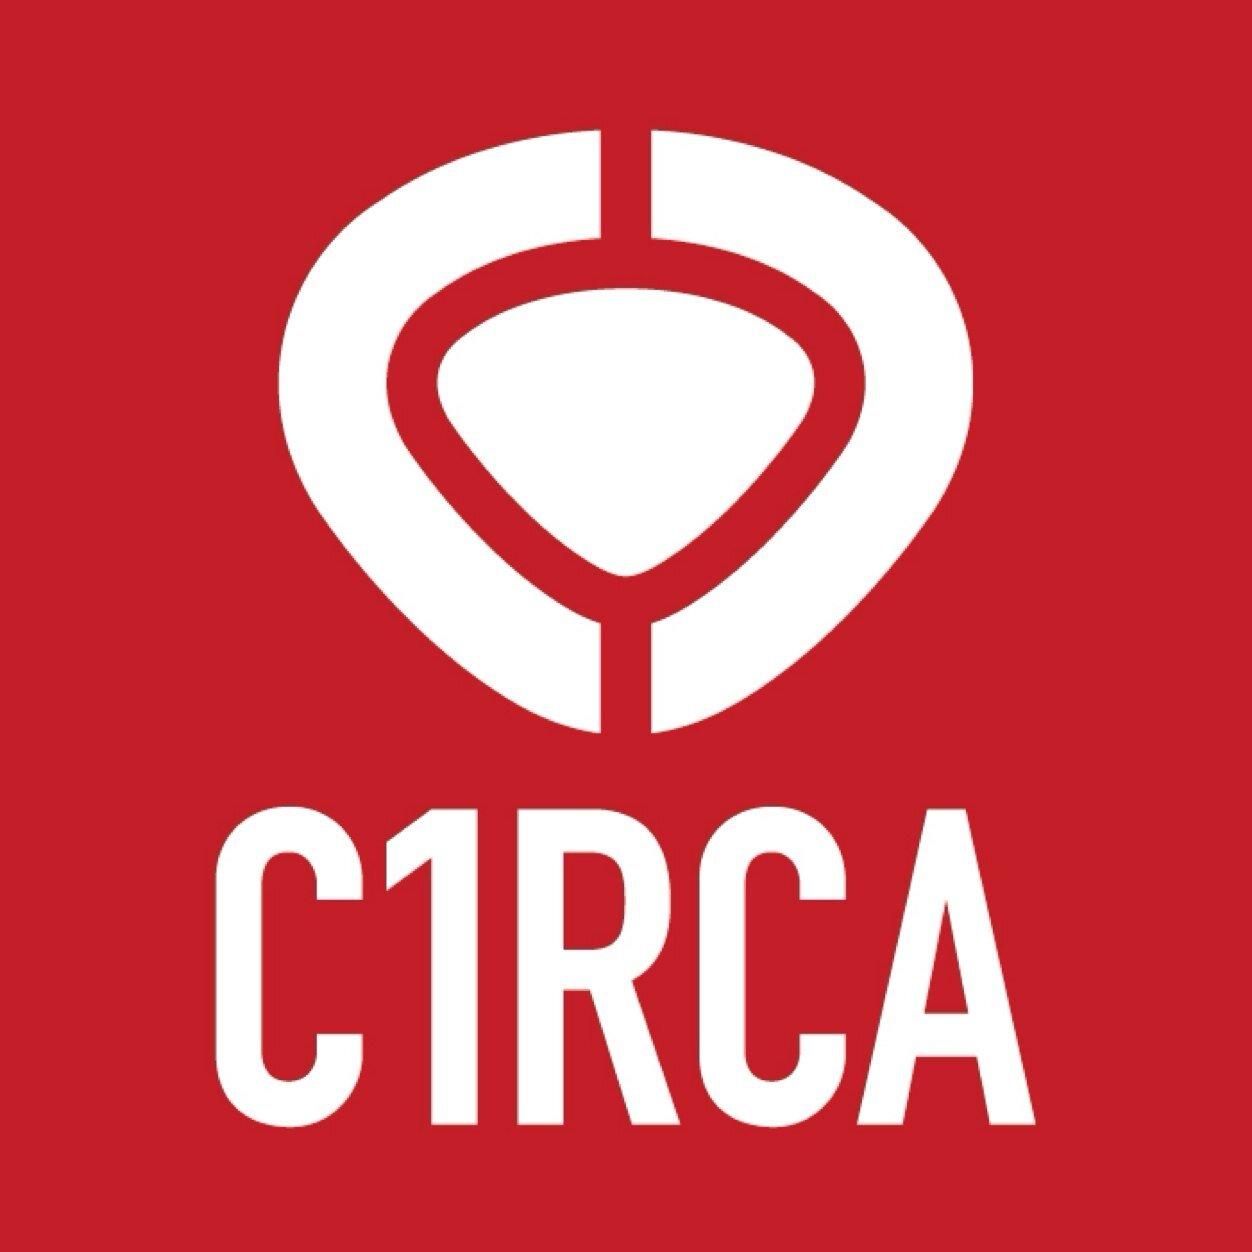 @c1rca